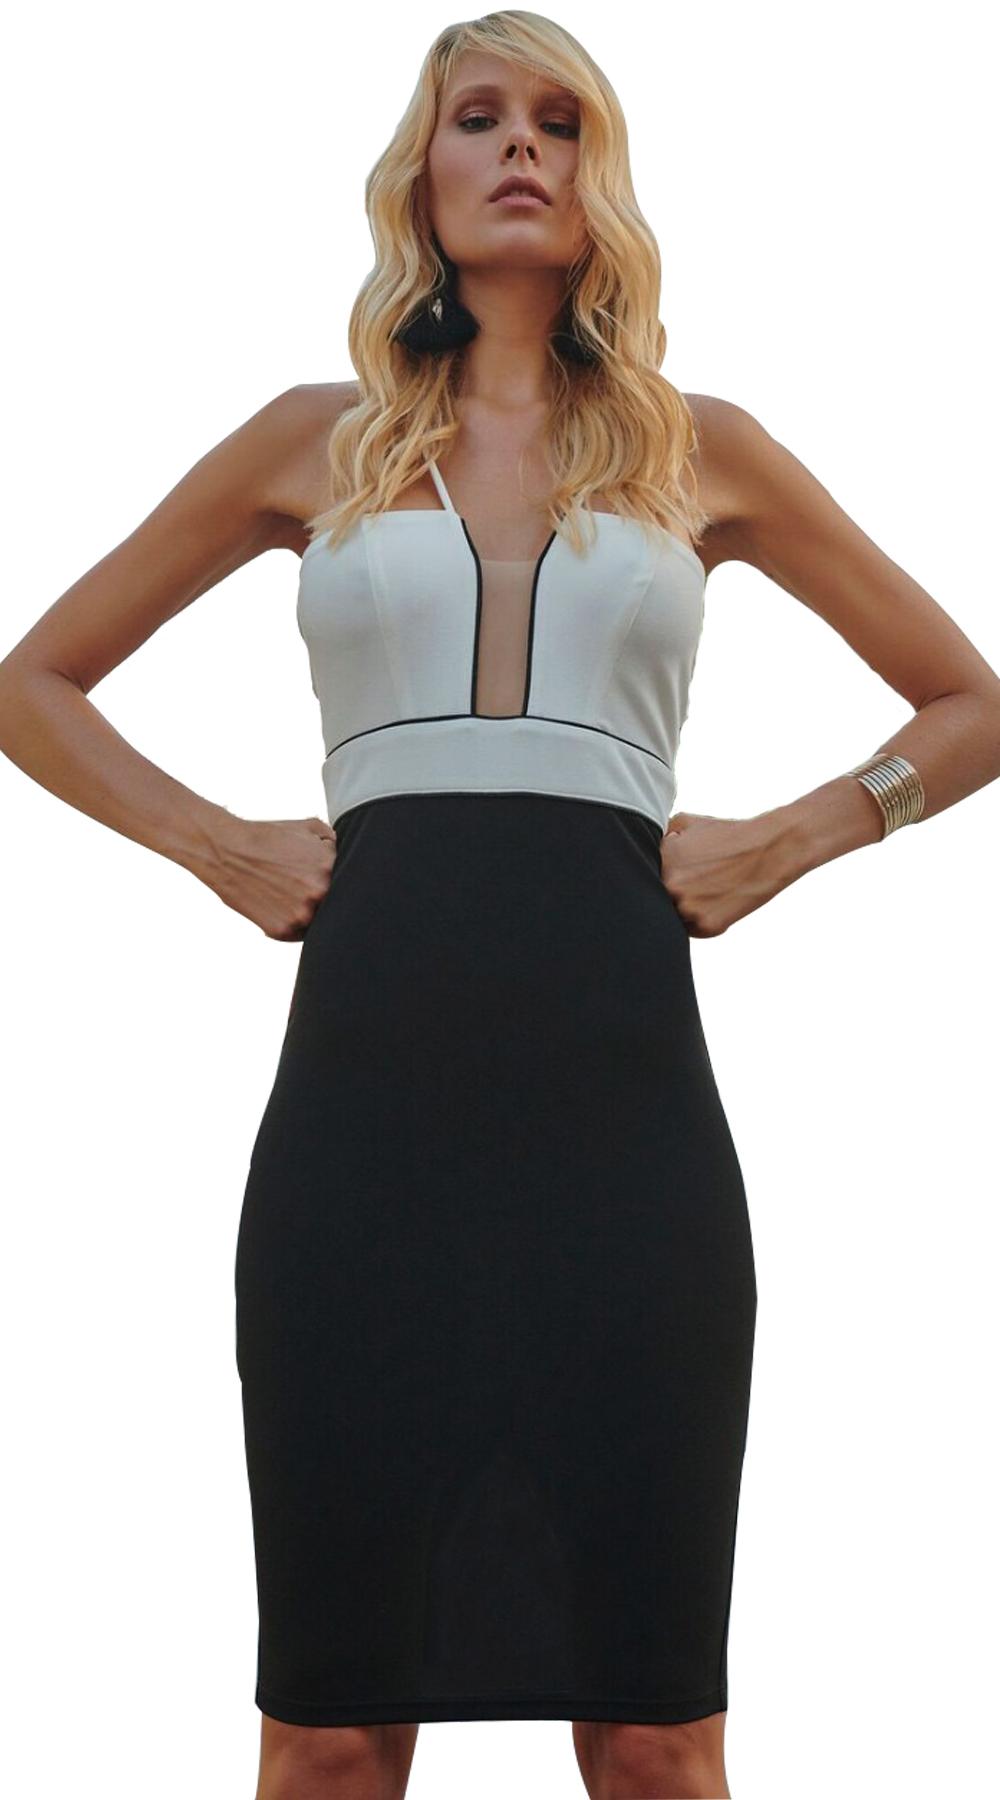 Βodycon εξώπλατο Φόρεμα με βαθύ V - LOVE ME - S18LV-51113